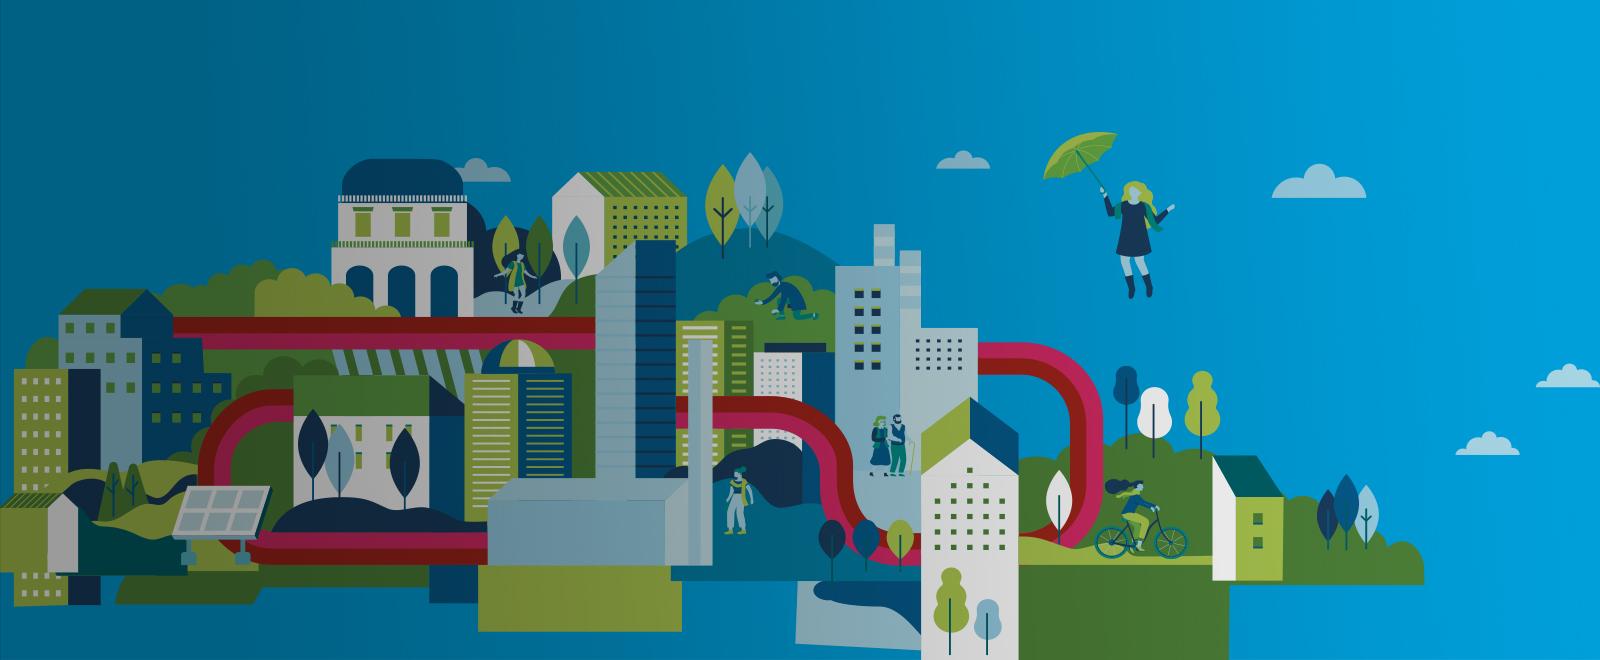 Brescia al futuro sostenibile: porte aperte a cittadini e giovani